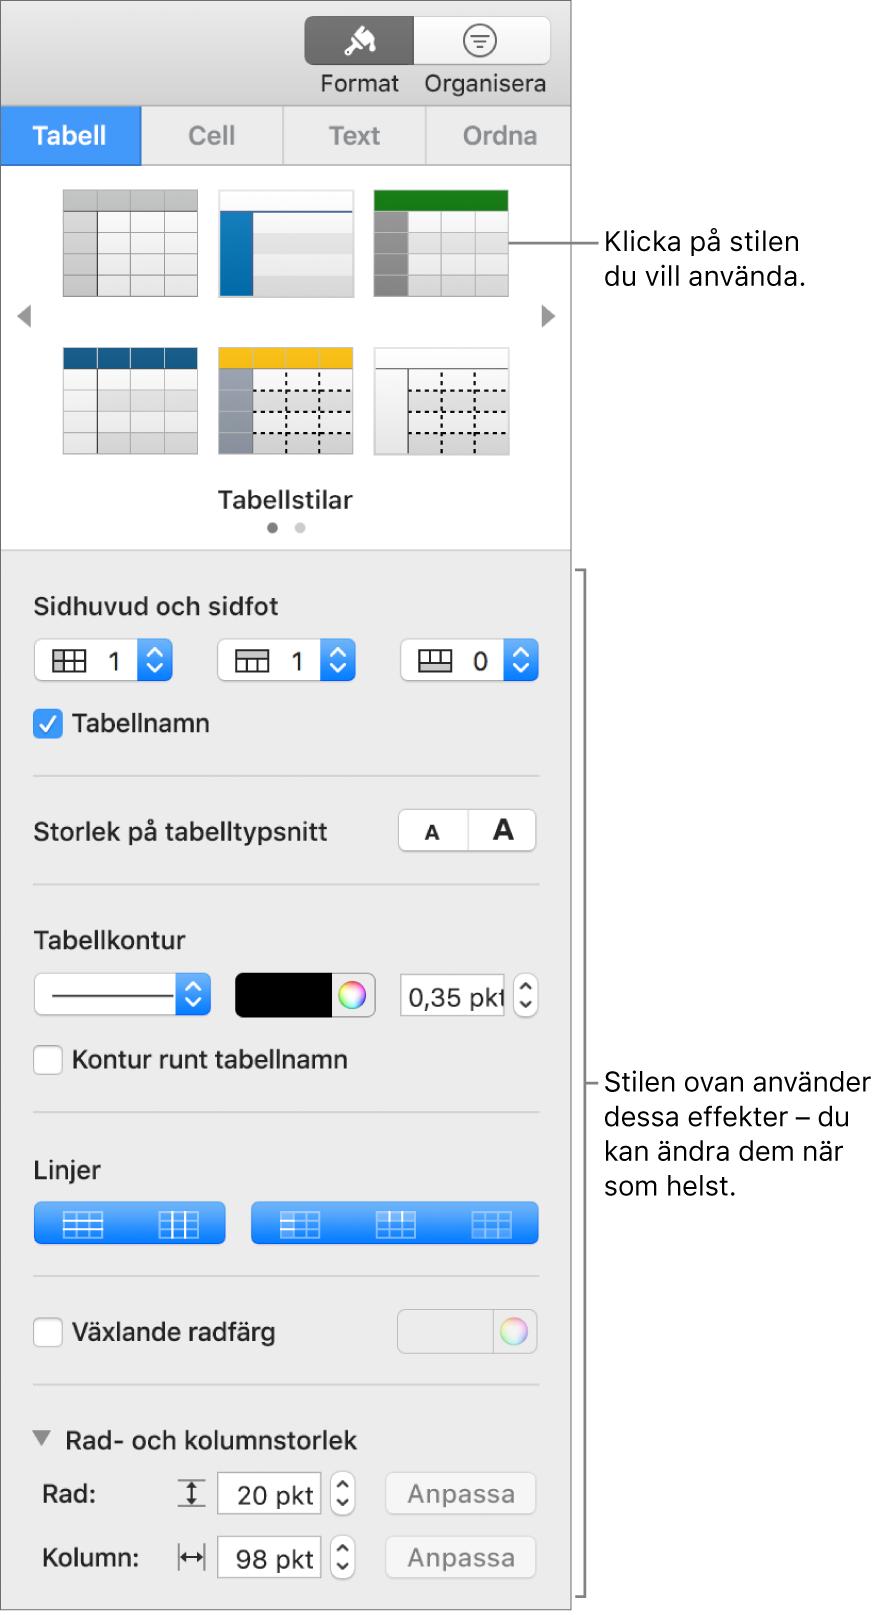 Formatsidofältet med tabellstilar och formateringsalternativ.